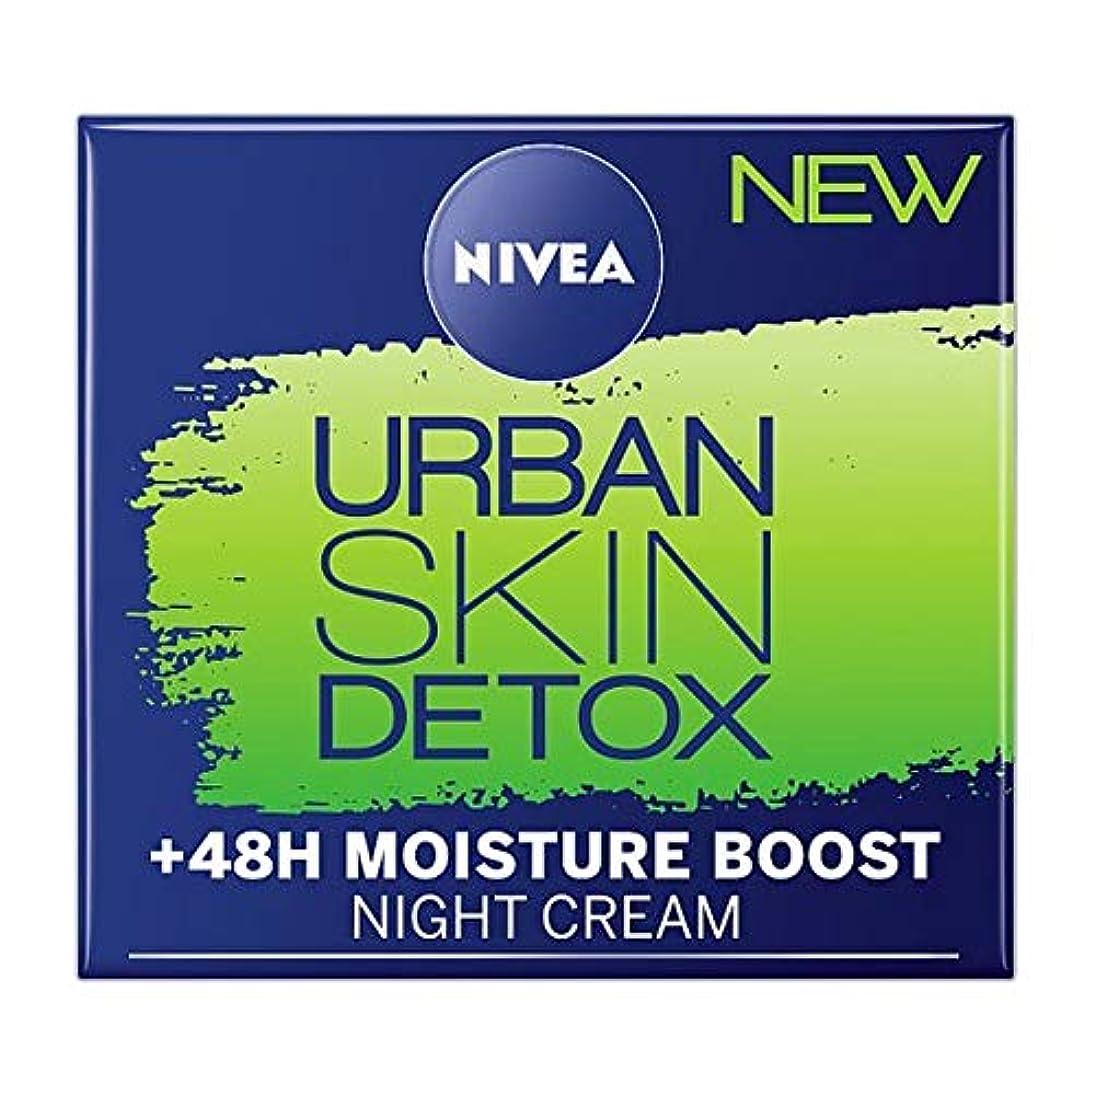 サリー左ブラインド[Nivea] ニベアフェイスケア不可欠な都市スキンナイトクリーム50ミリリットル - Nivea Face Care Essential Urban Skin Night Cream 50Ml [並行輸入品]